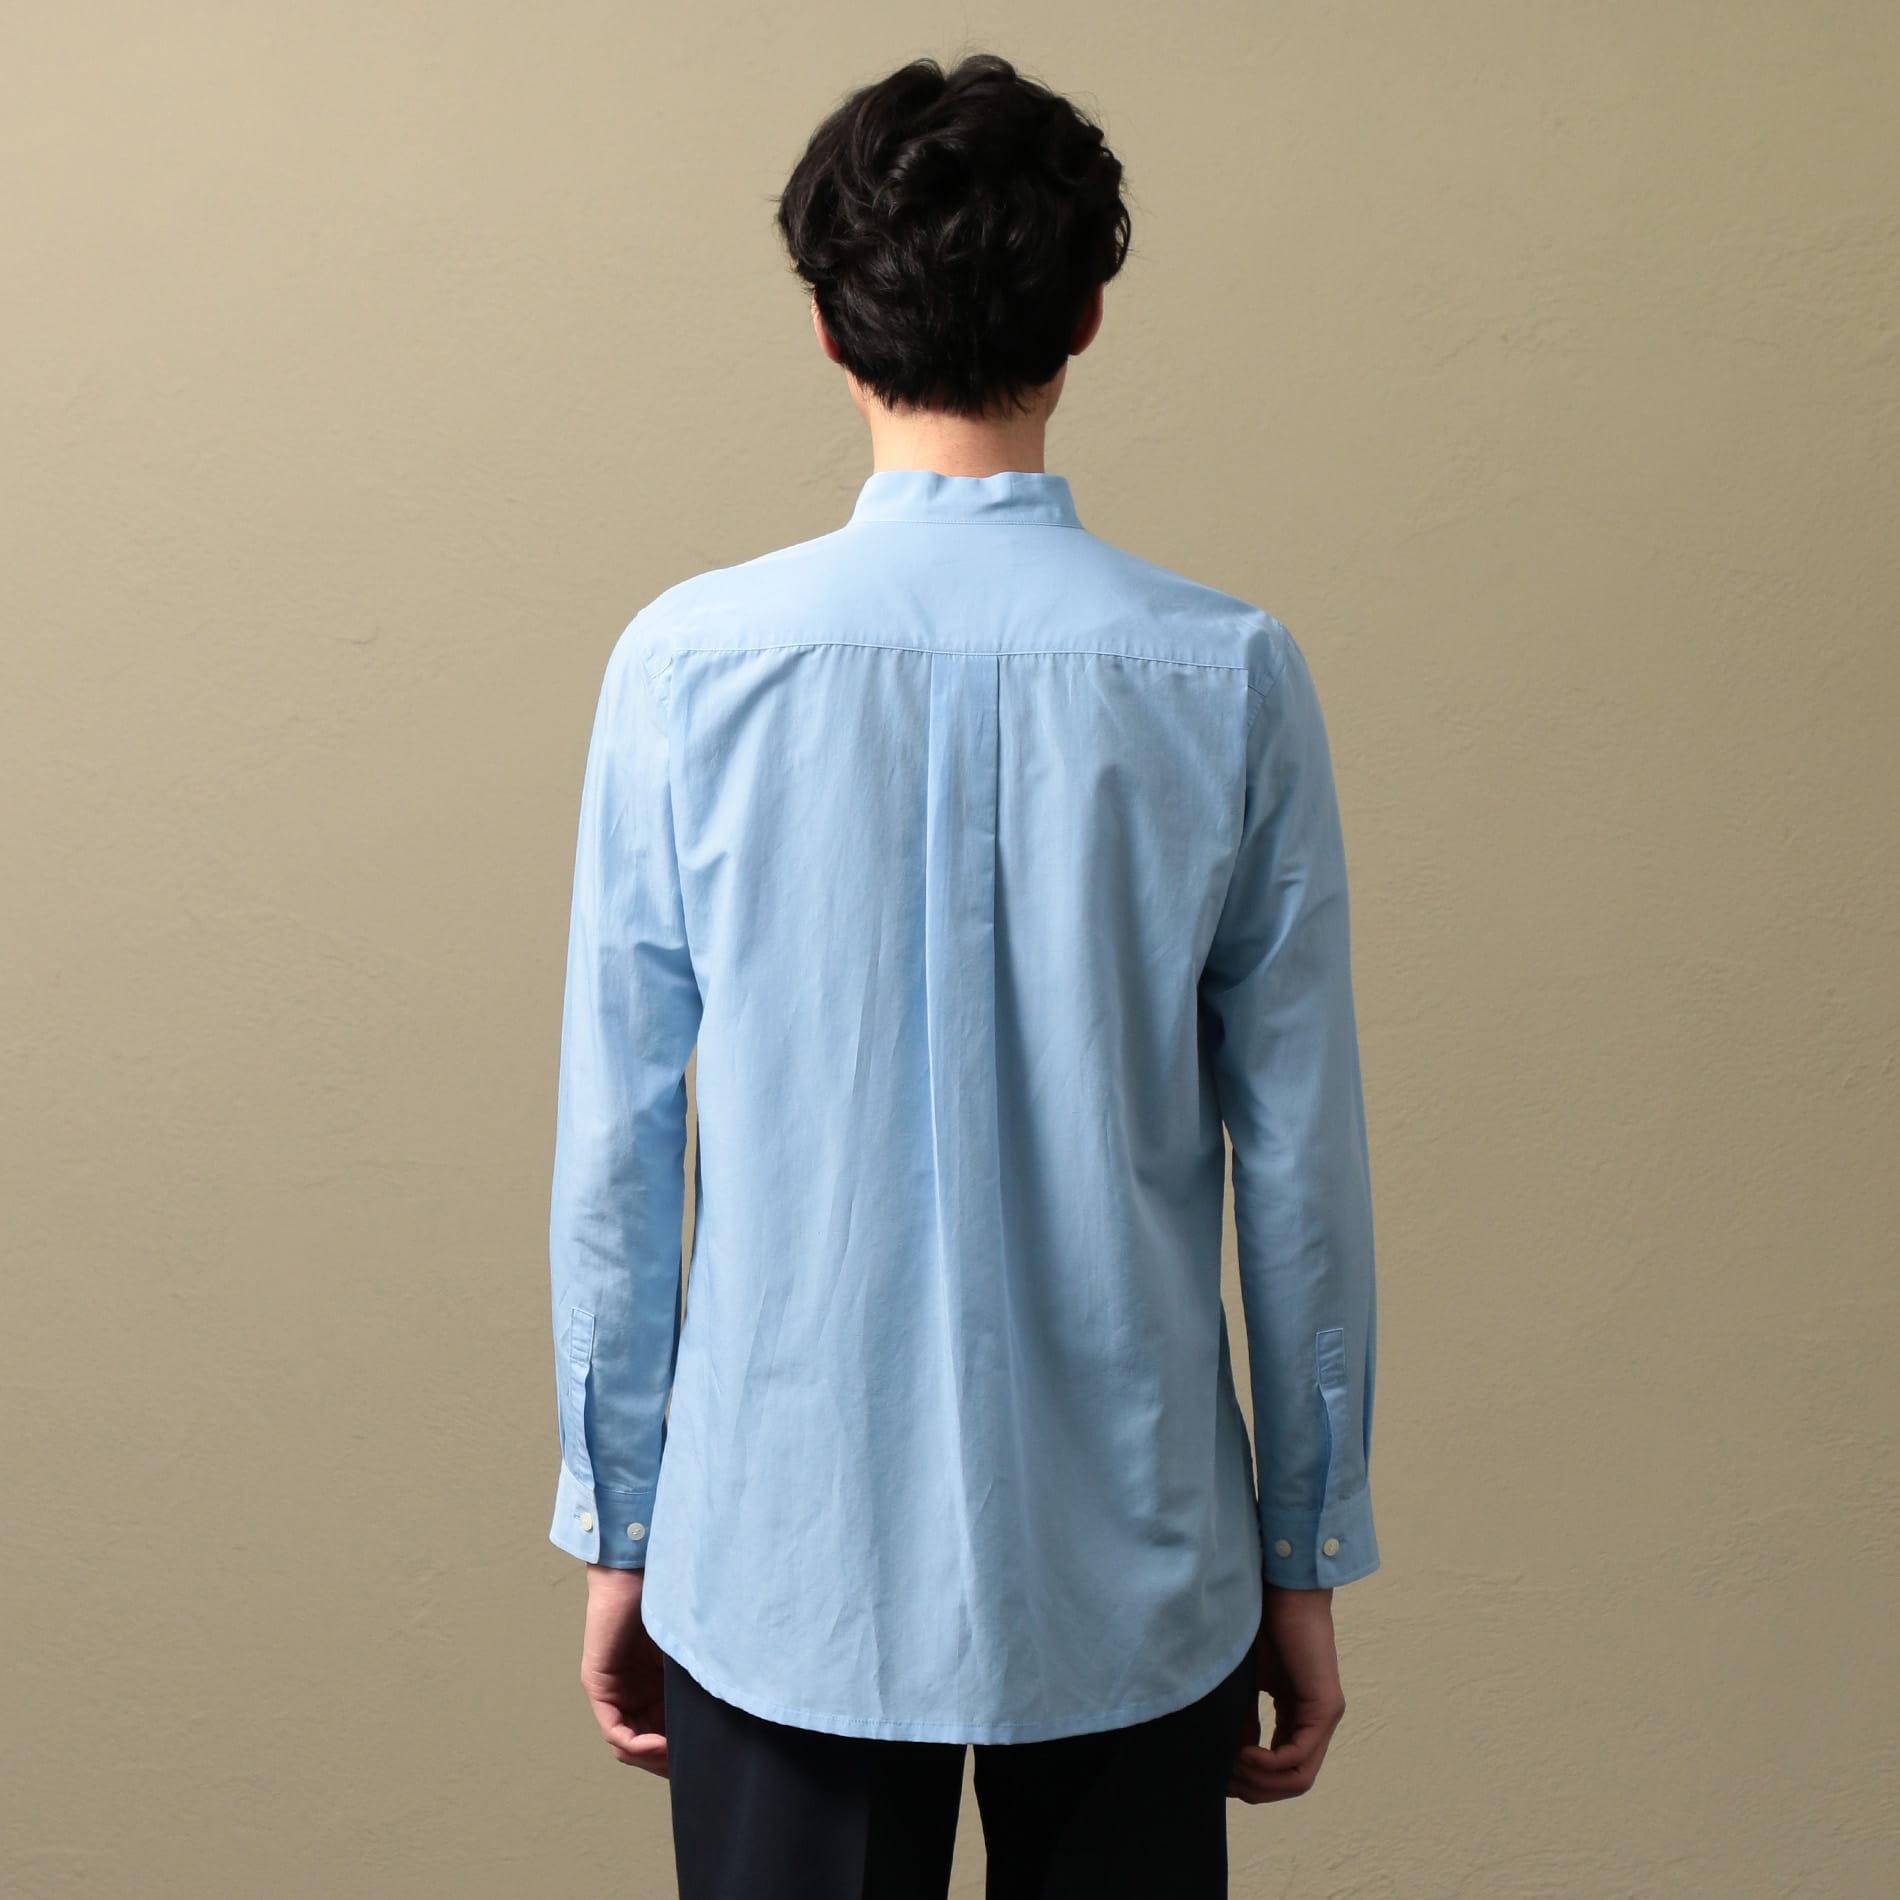 〈タイムセール〉【LF】MEN バンドカラーシャツアウター